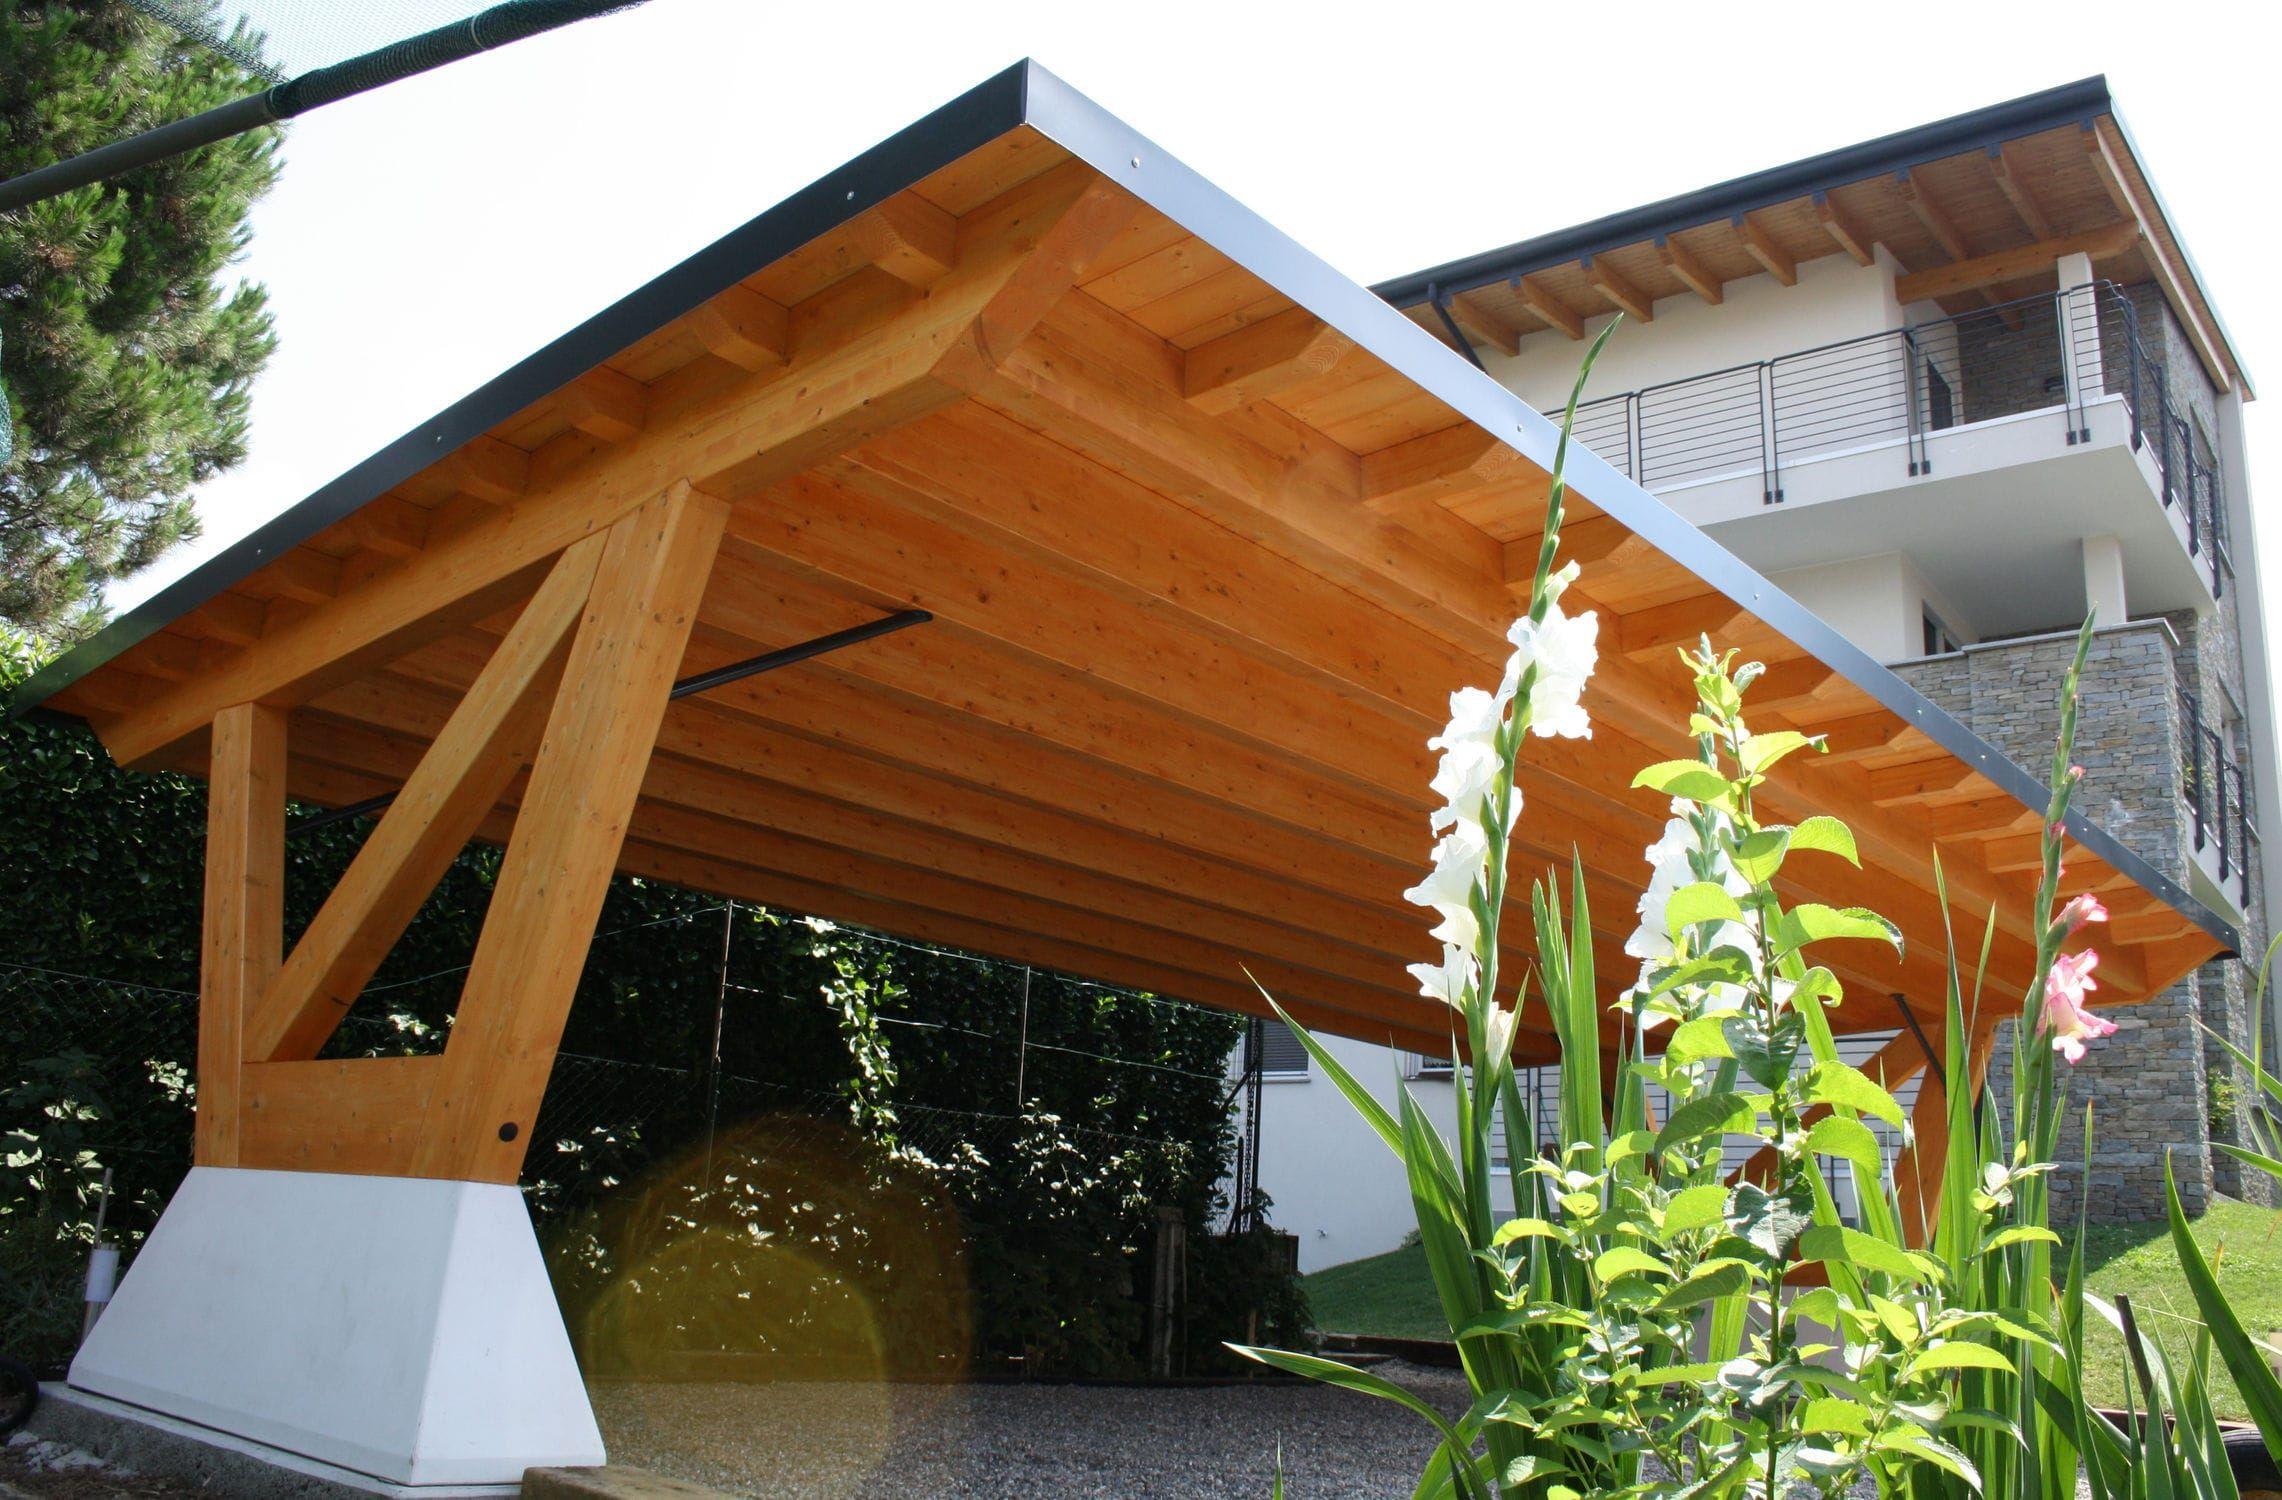 Concrete Carport Wooden New York Proverbio Outdoor Design Wooden Carports Outdoor Design Amazing Architecture